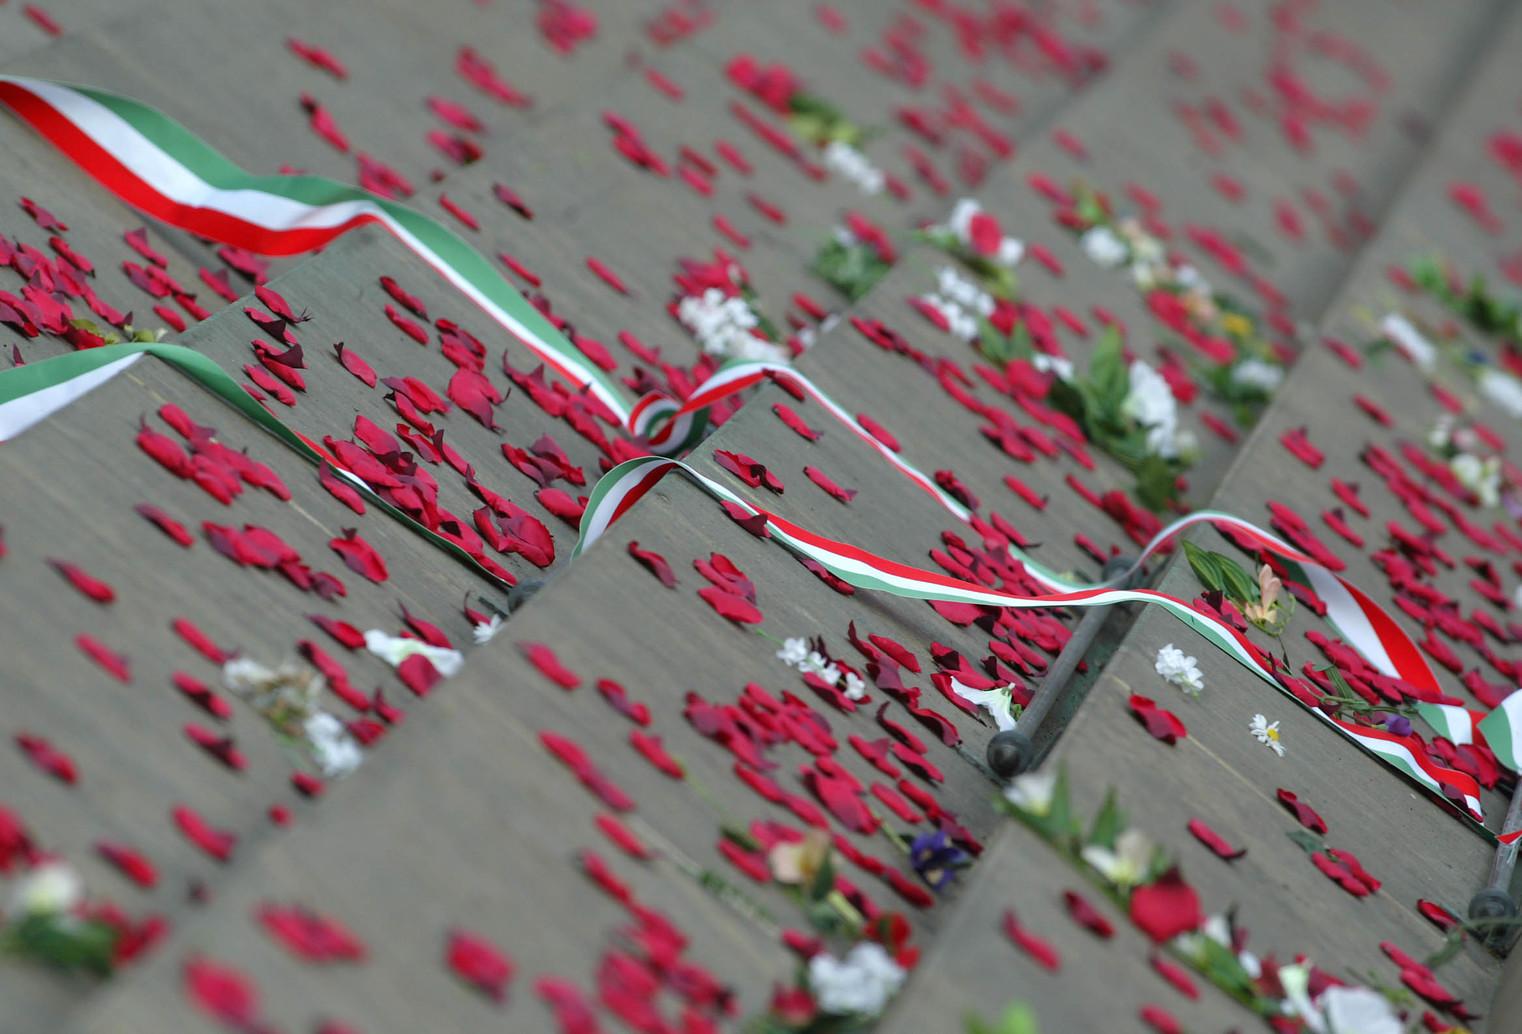 Budapest, 2006. március 15. Rózsaszirmok és nemzetiszínű szalagok a budapesti Felvonulási tér kövezetén a március 15-i állami ünnepség után. MTI Fotó: Illyés Tibor